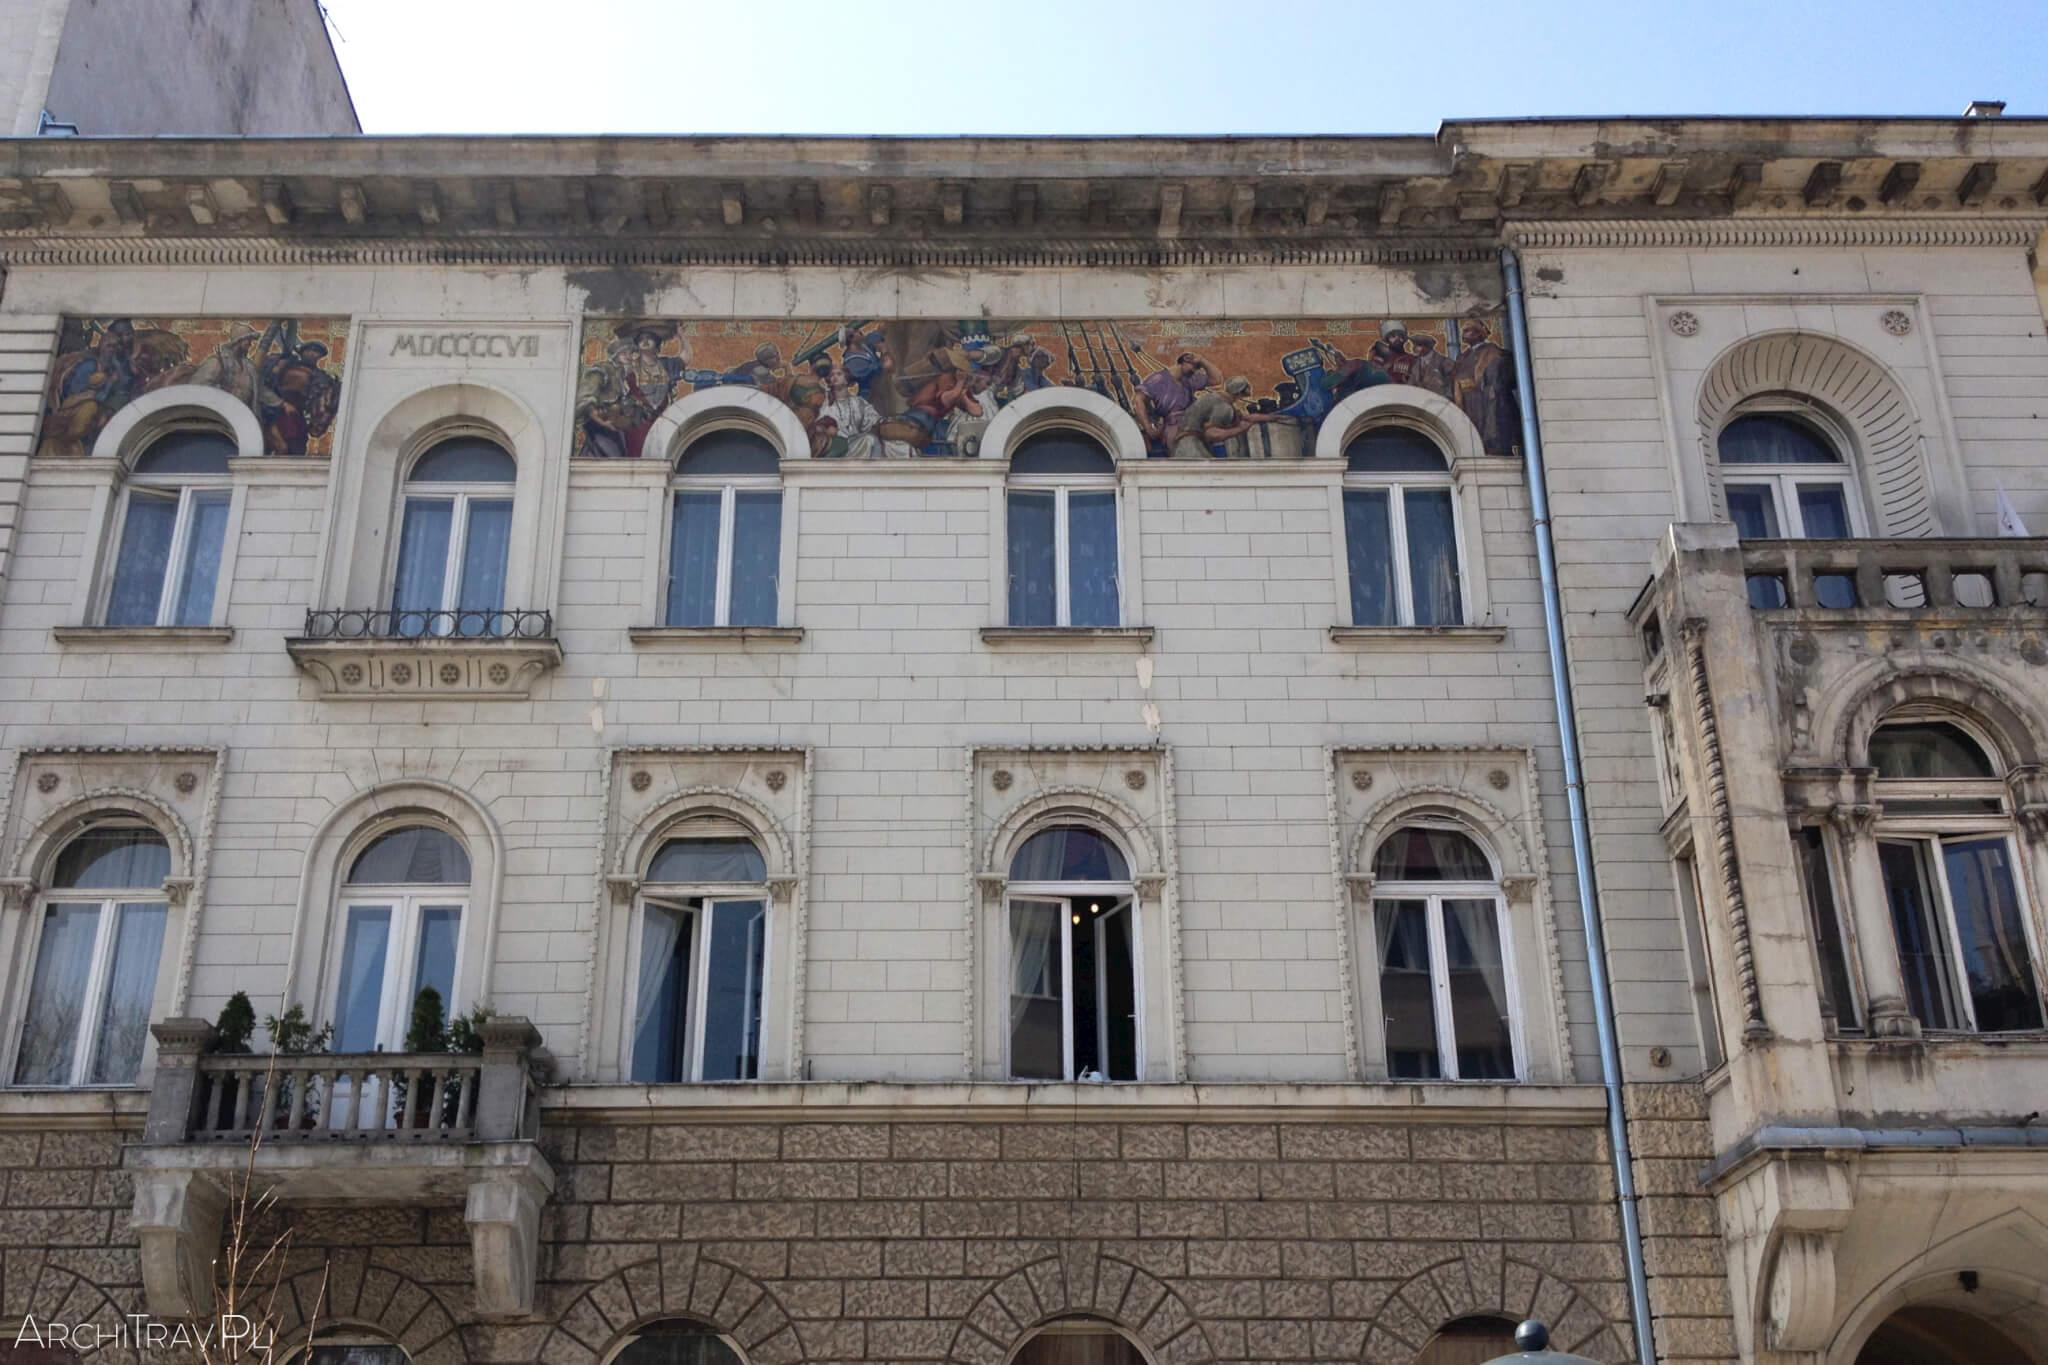 Palac Juliusza Kindermanna przy ul. Piotrkowskiej 137 139 Lodz